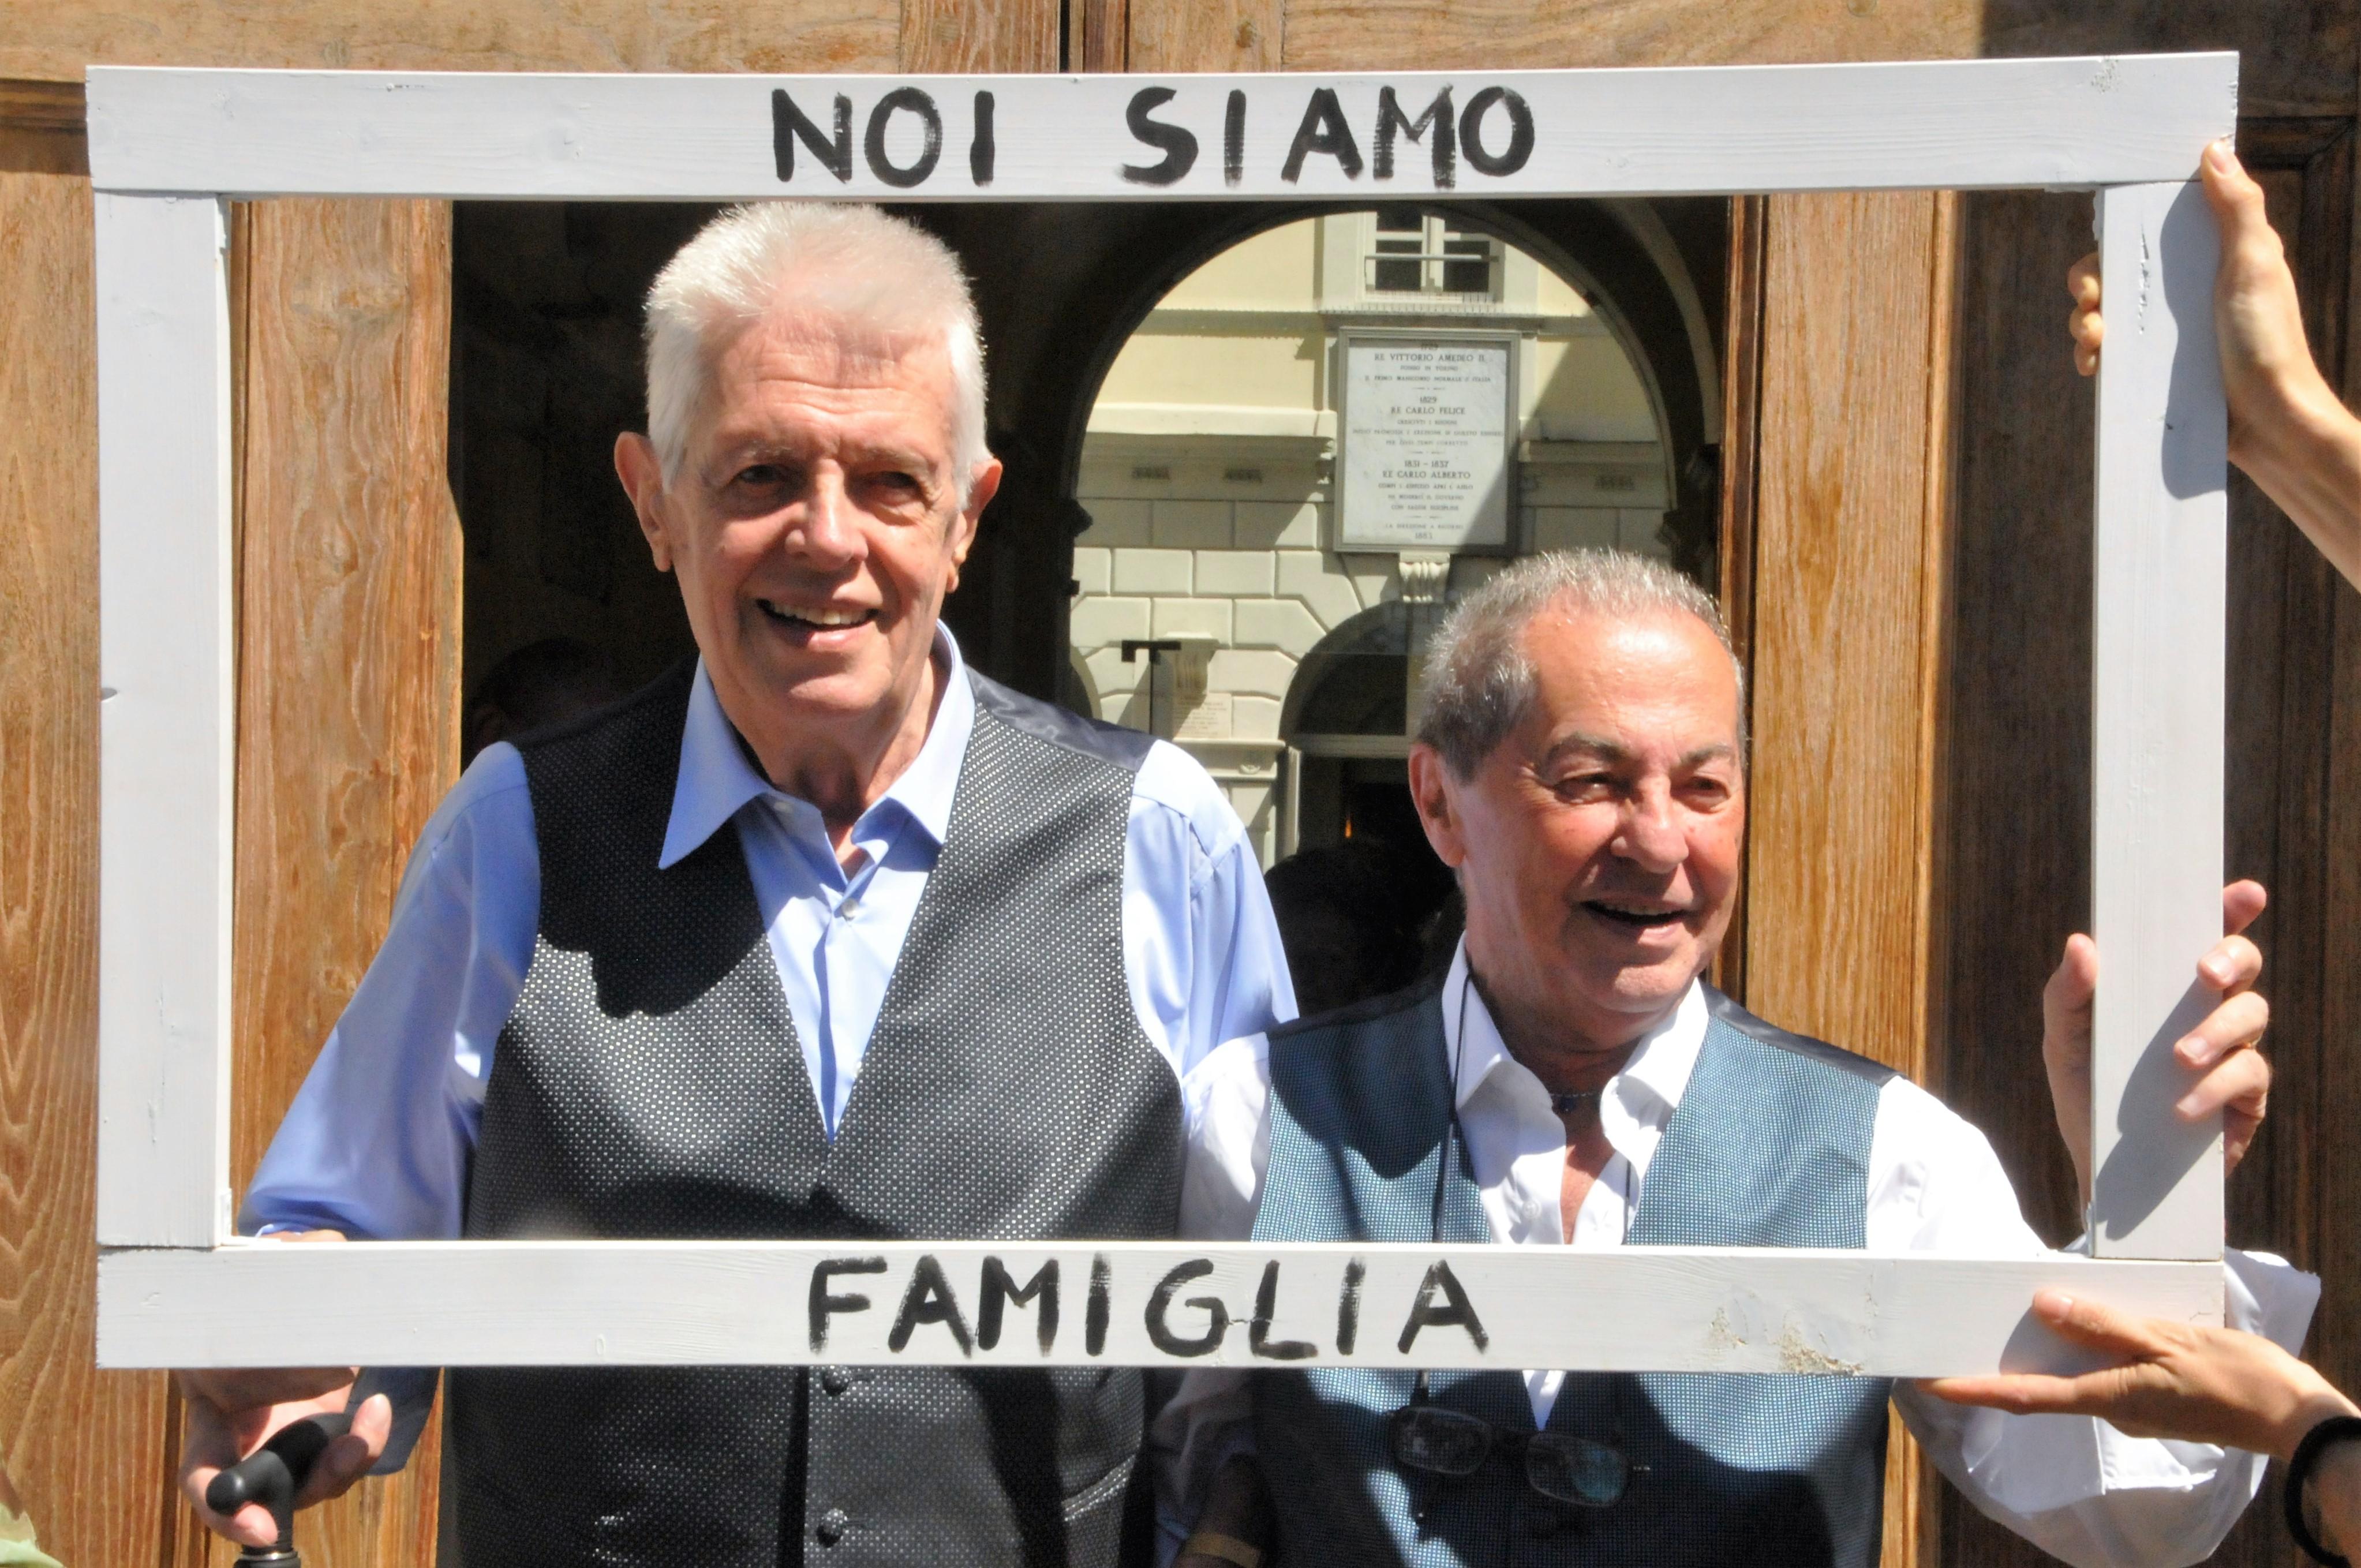 Prima unione civile a Torino, Gianni e Franco 80enni felici